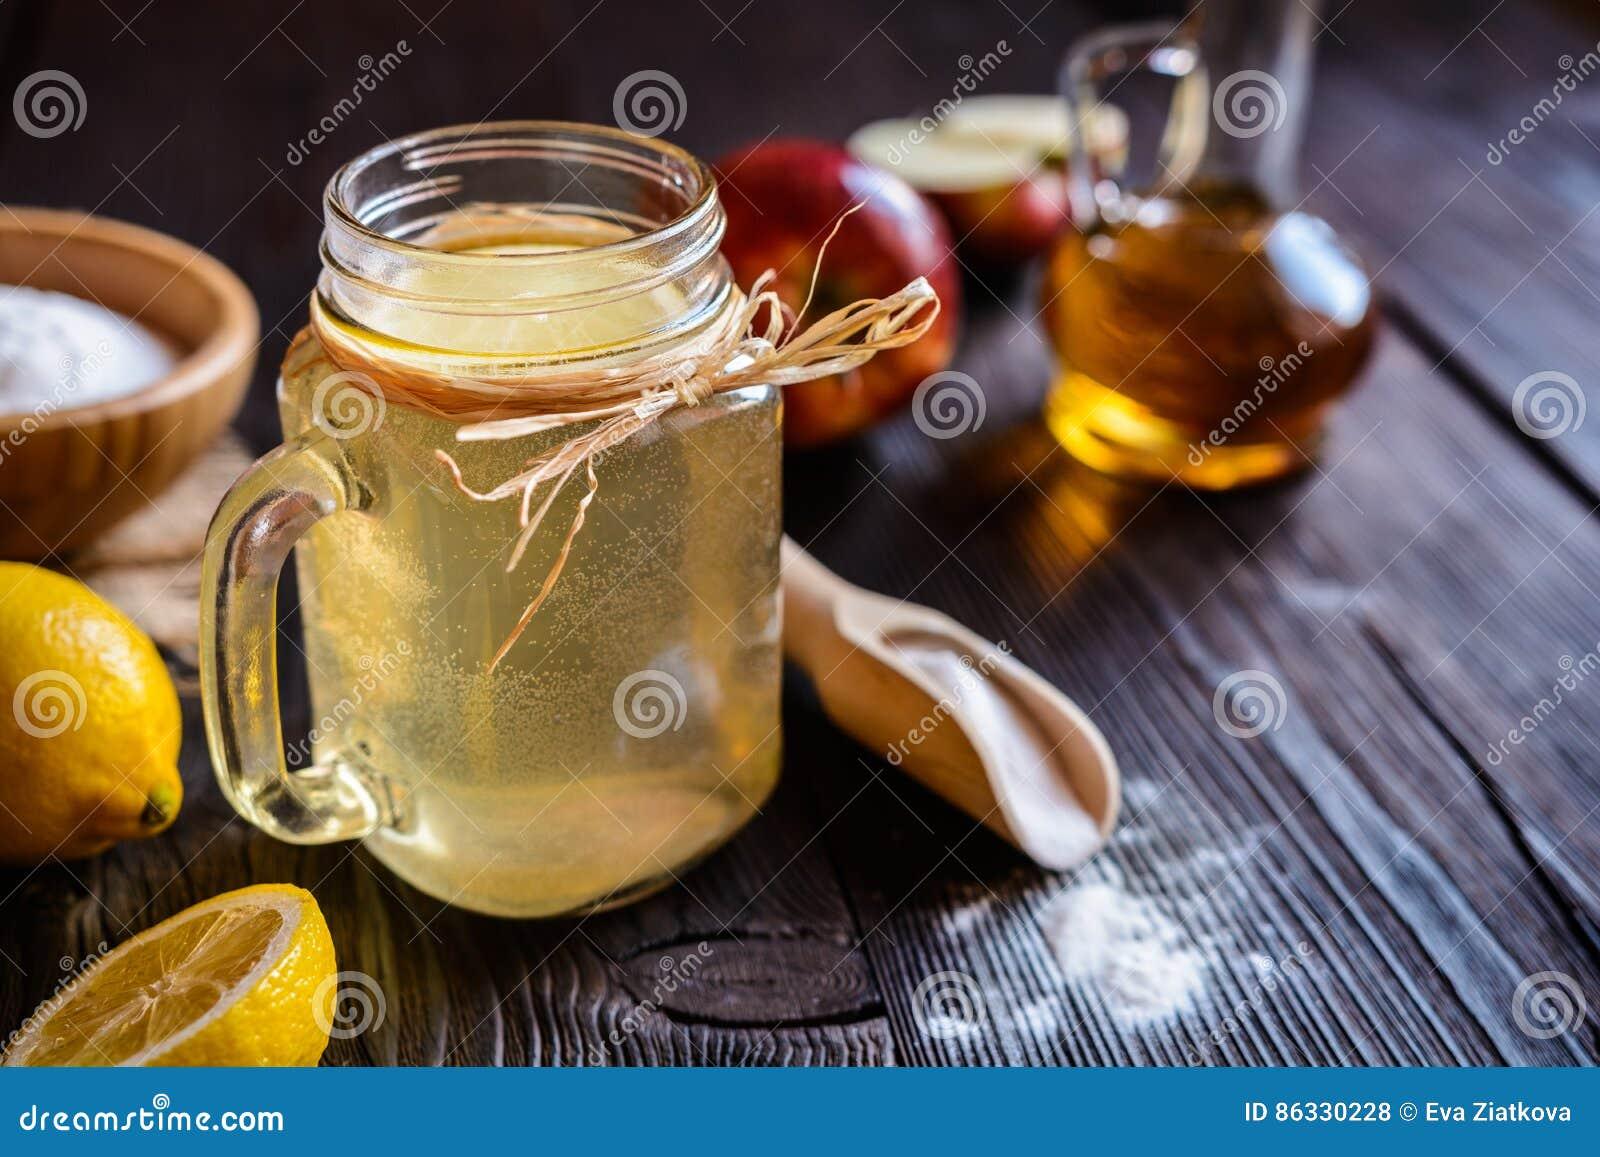 Apple Cider Vinegar, Lemon And Baking Soda Drink Stock